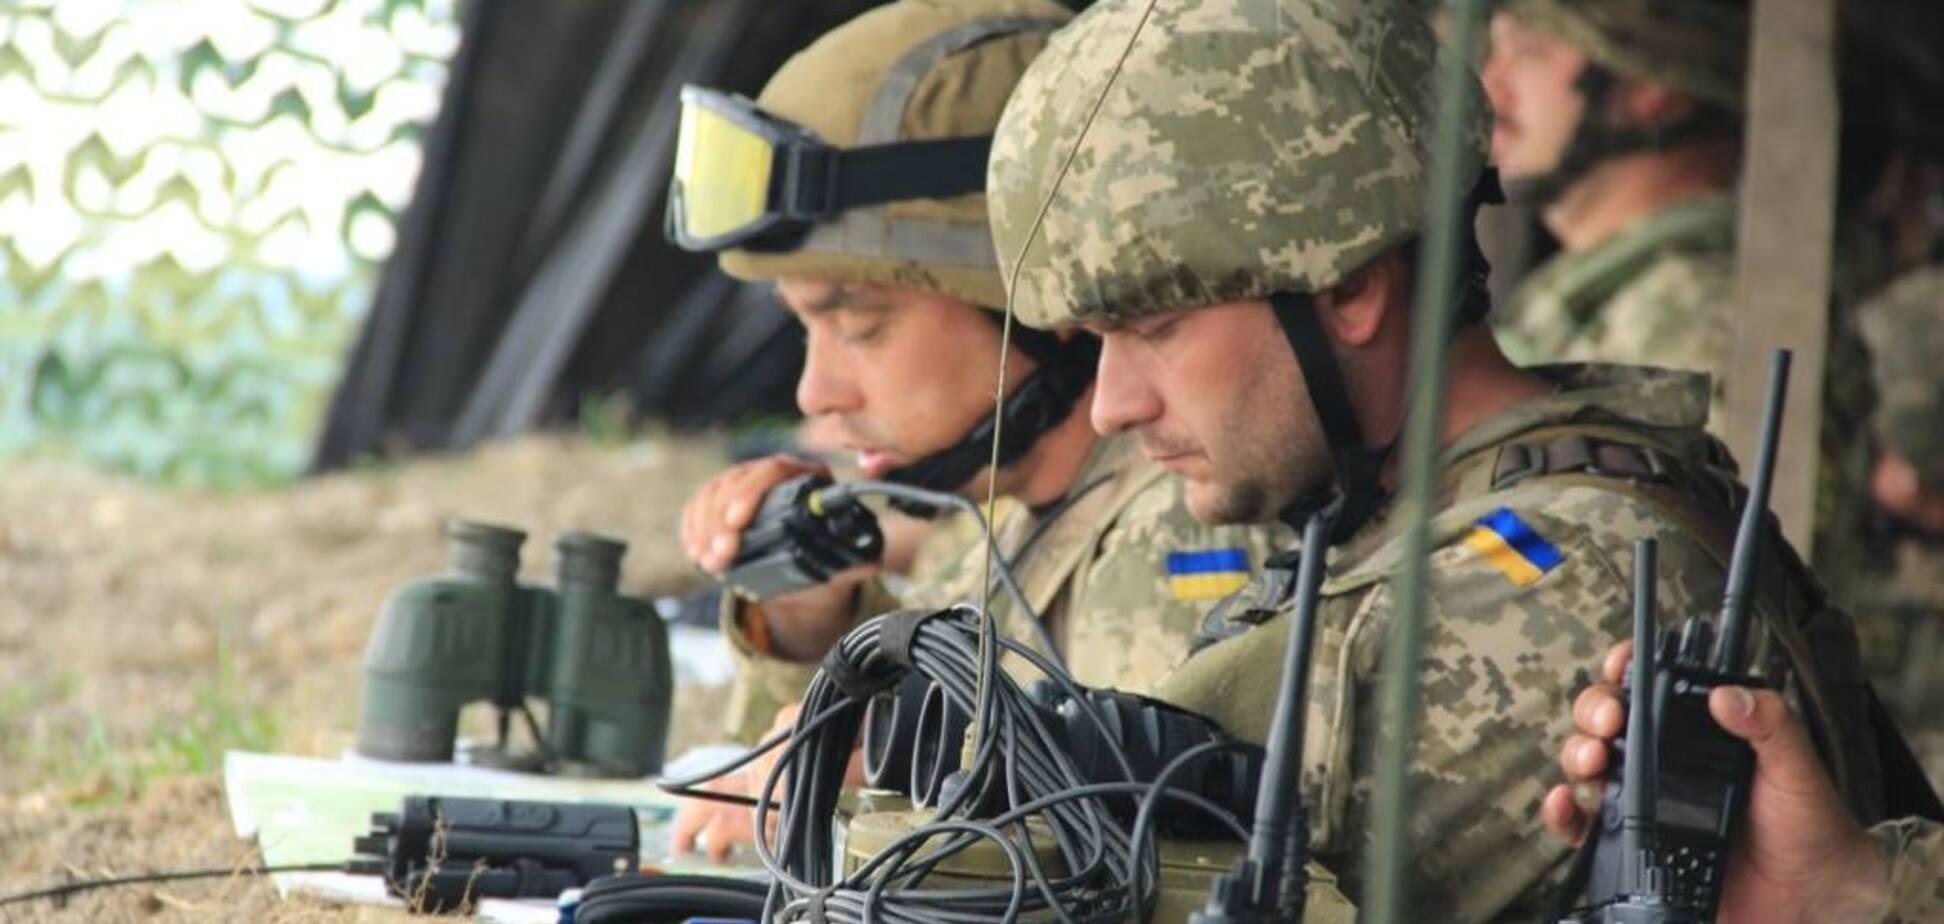 Год в армии: чем полковник ВСУ отличается от офицера НАТО